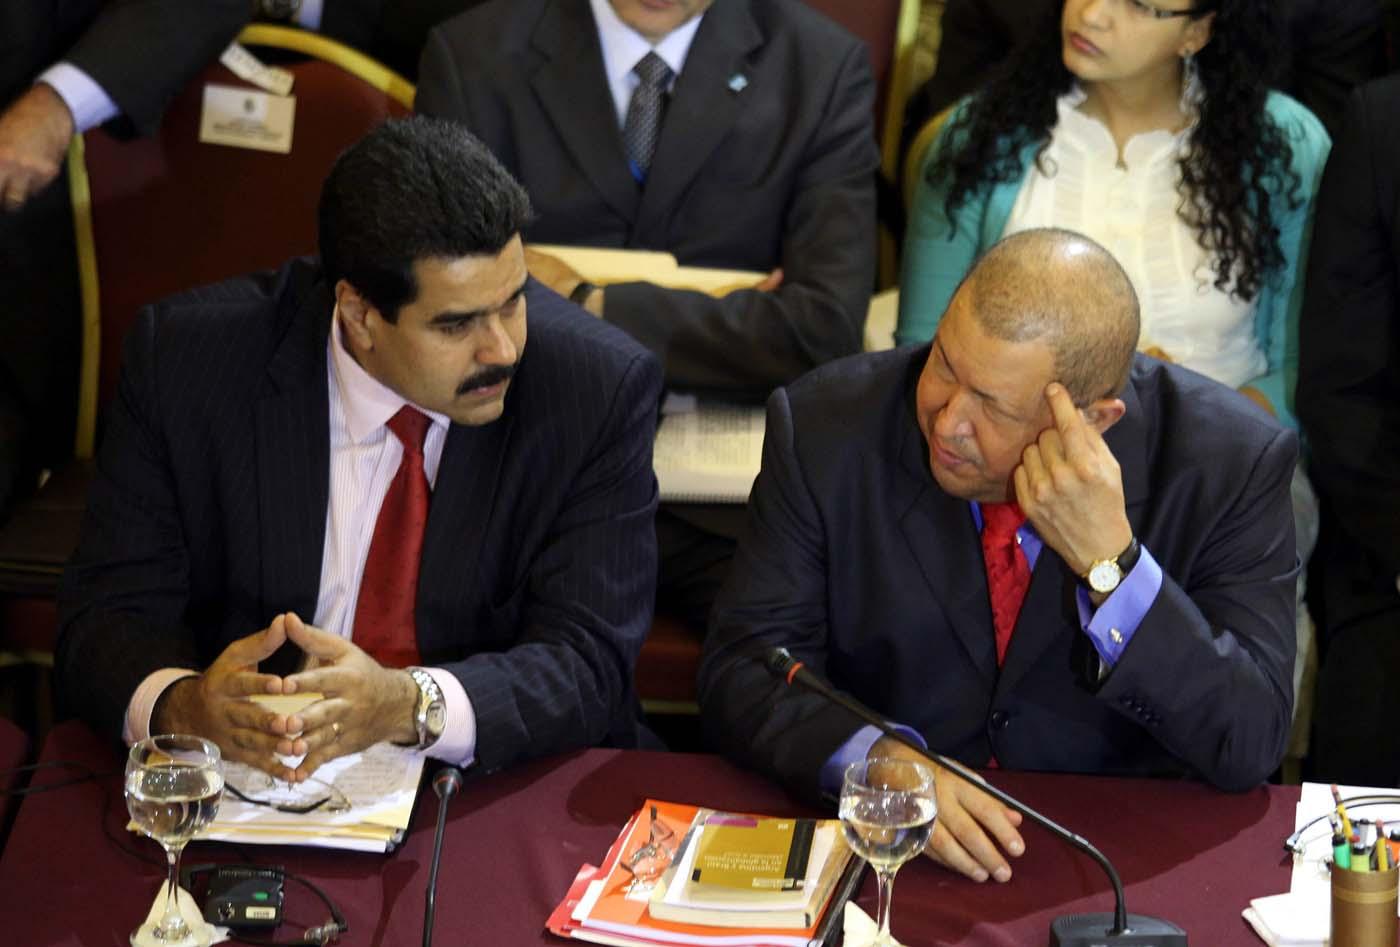 ¡Exprópiese! Las aterradoras lecciones que dejó la apropiación de tierras en Venezuela